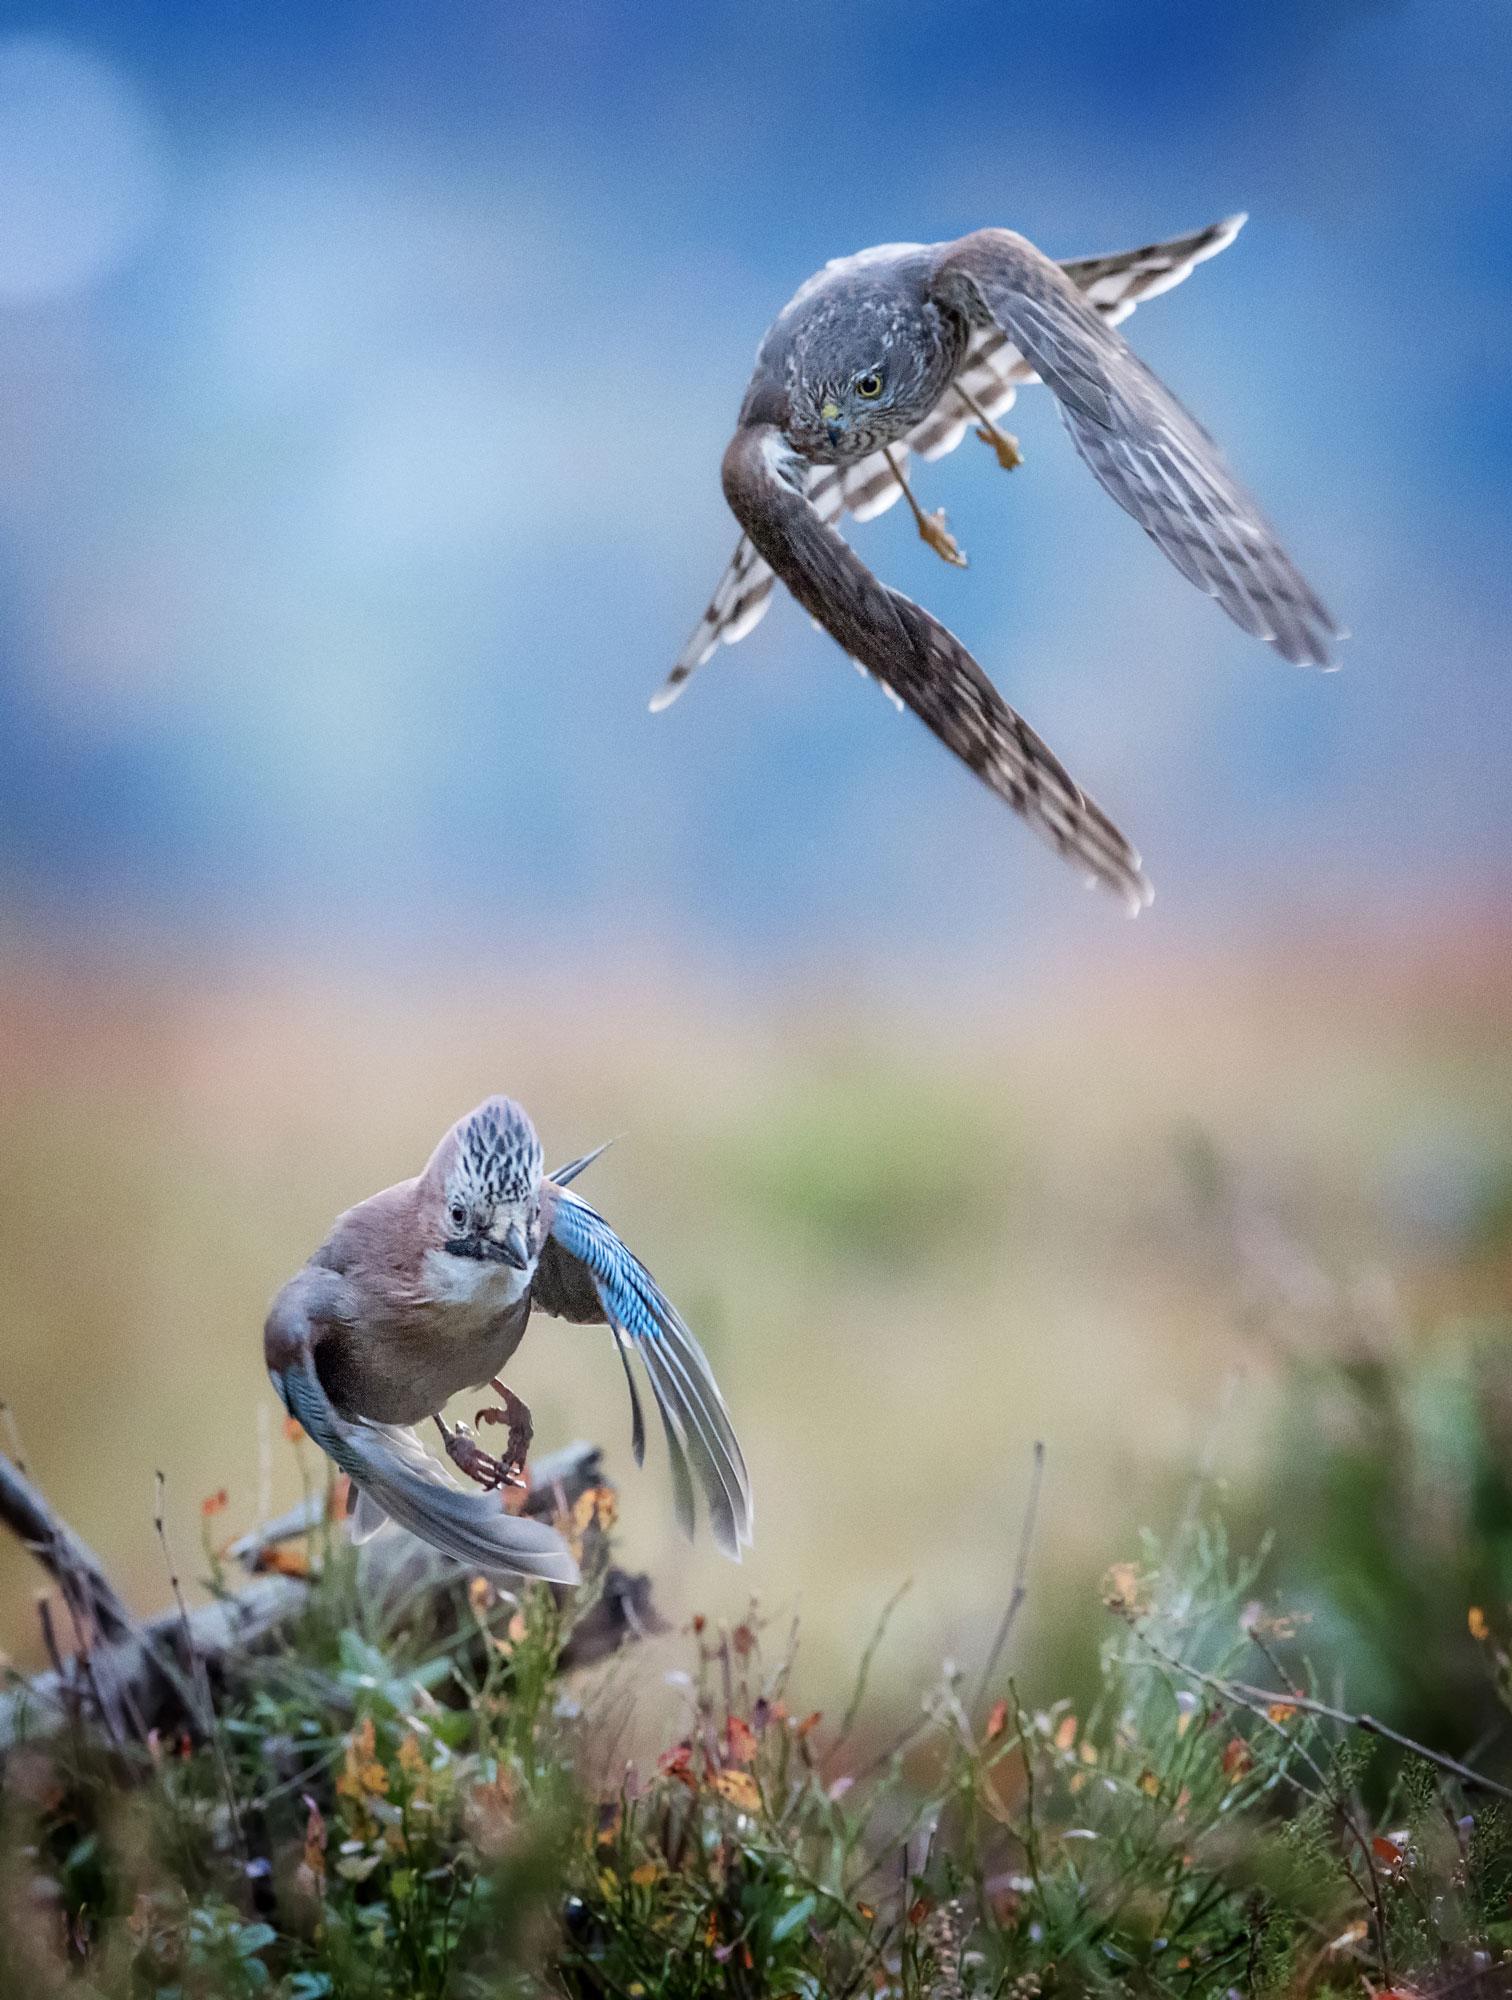 Hauk jakter nøtteskrike